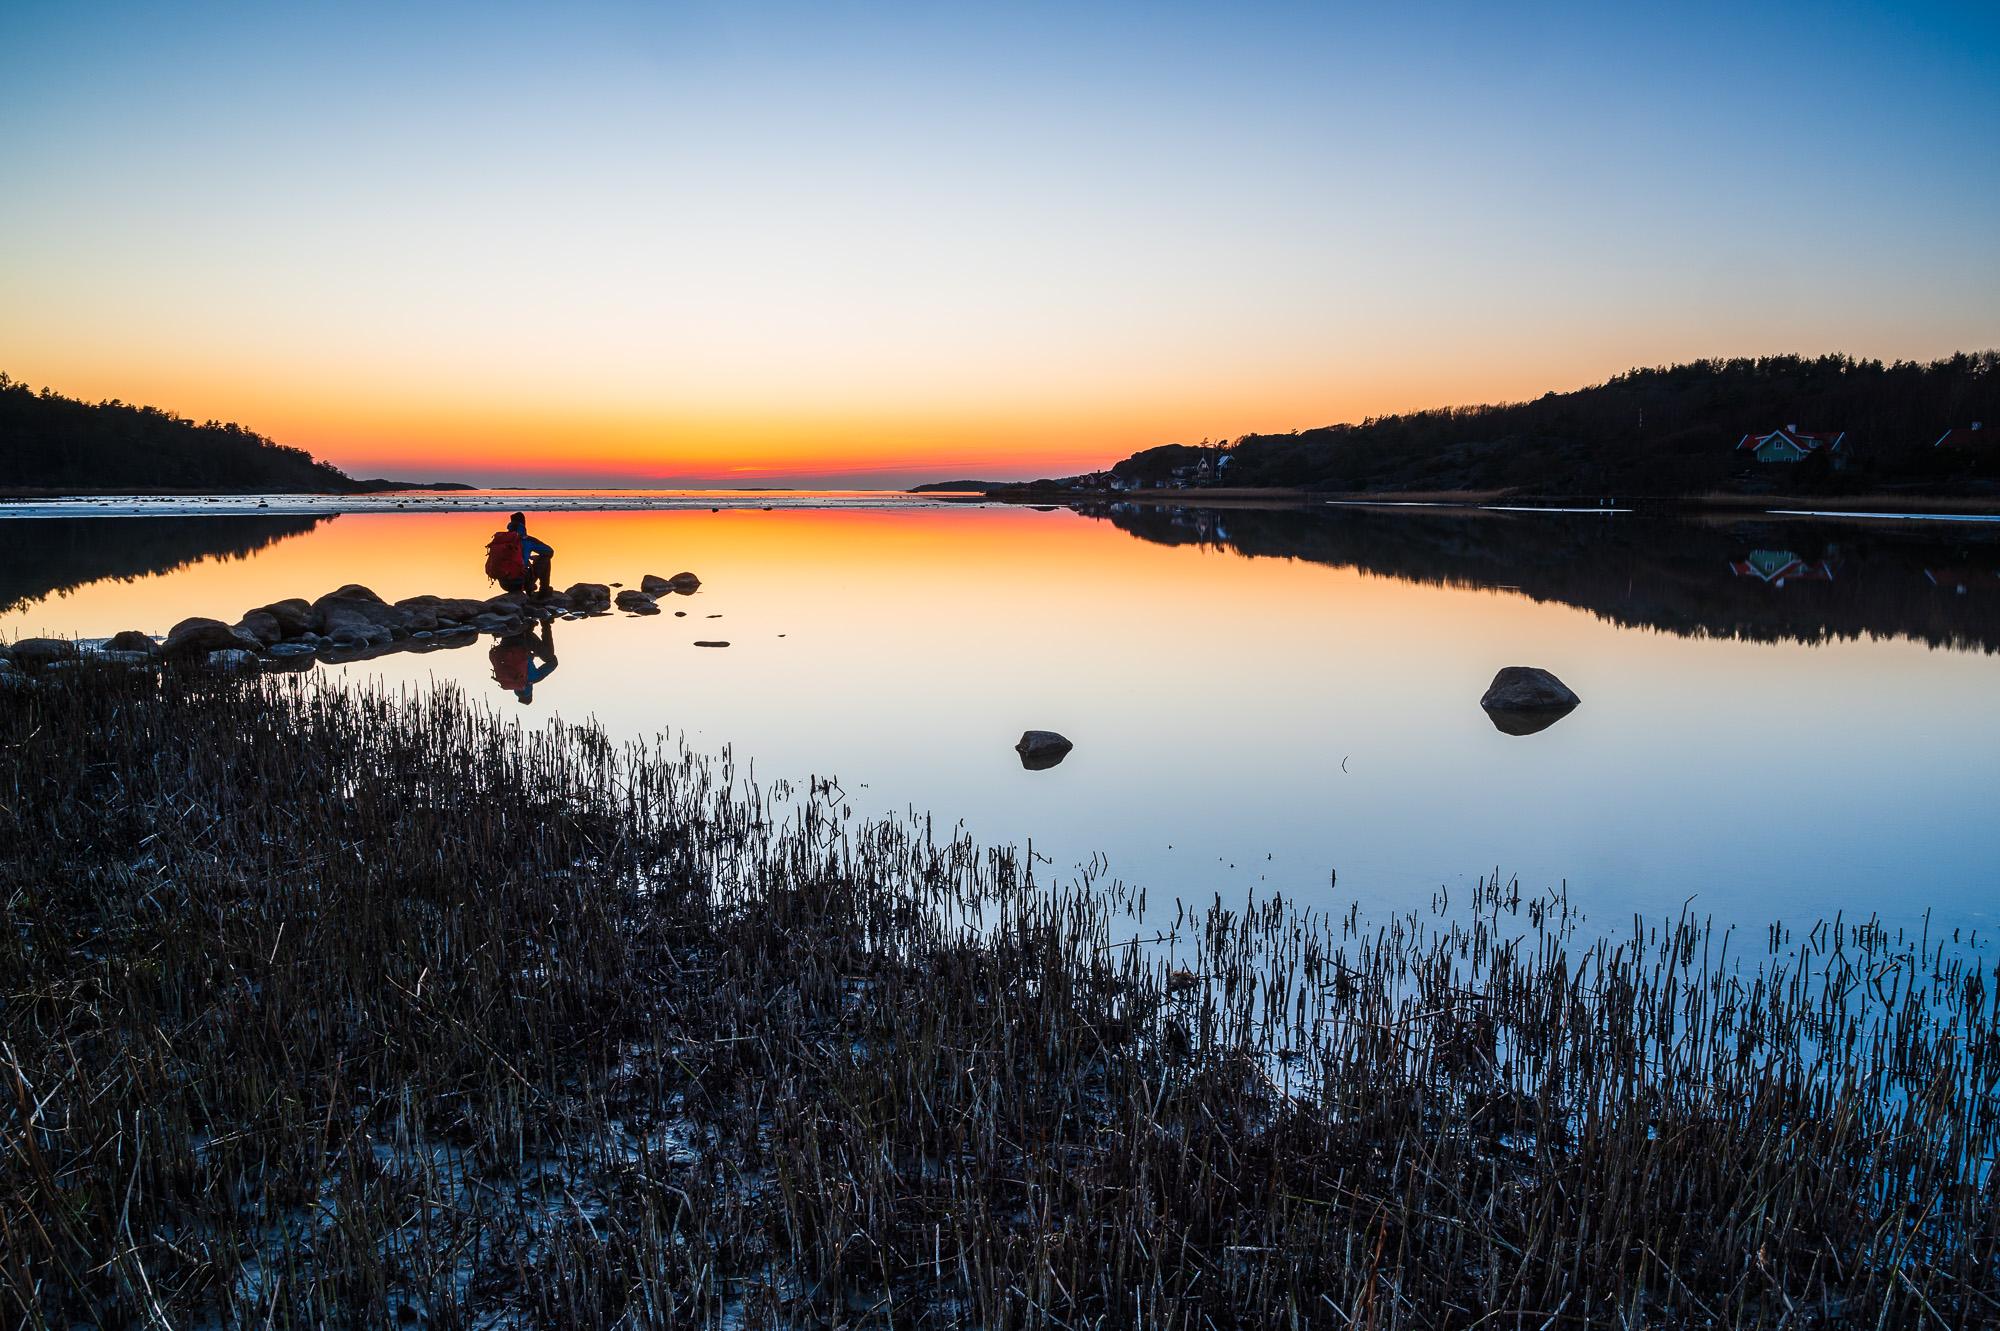 Solnedgång vid Brandshultsviken, Kungsbacka kommun.